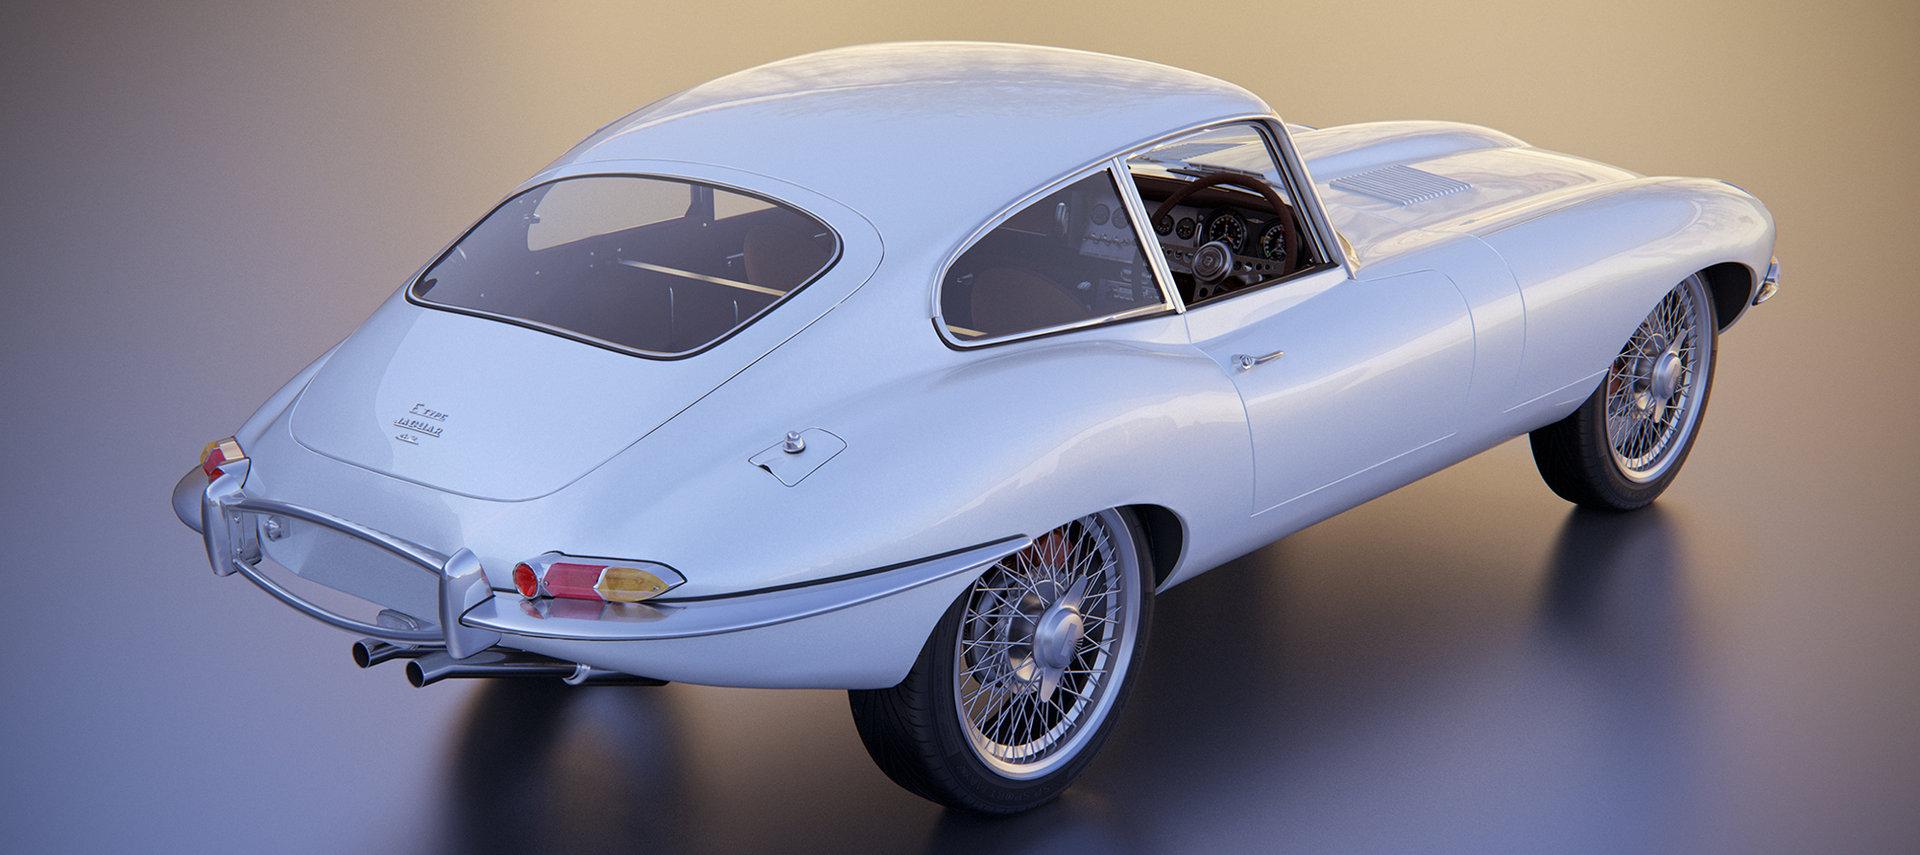 Michael marcondes jaguar 209